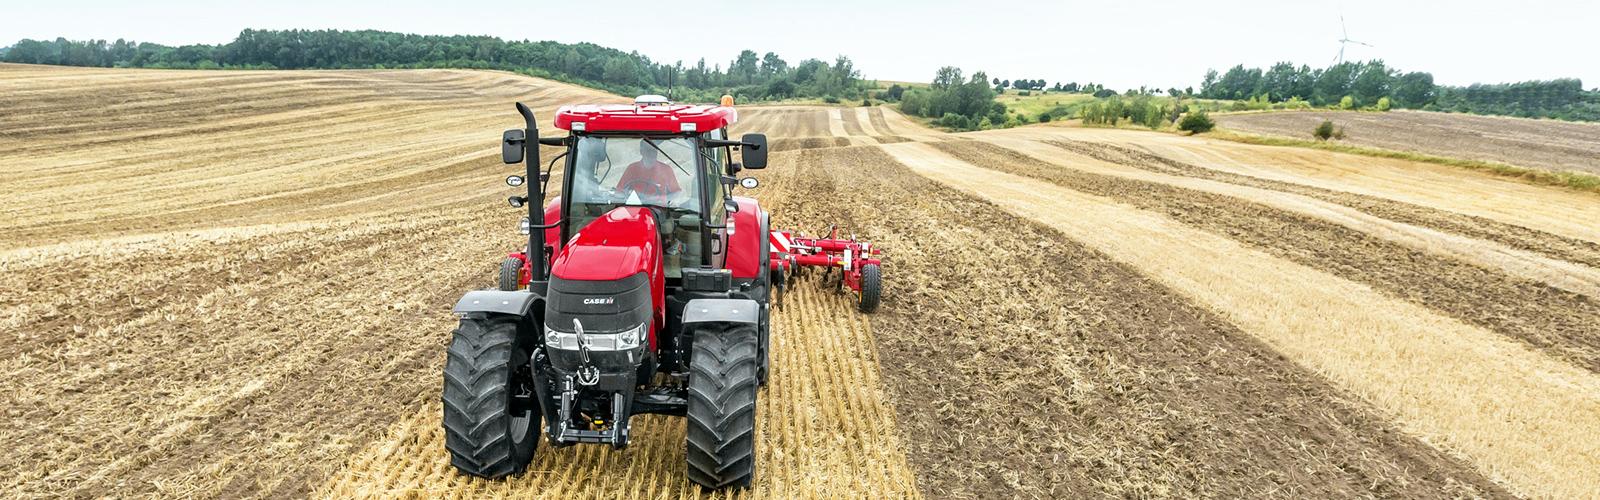 Advanced Farming System